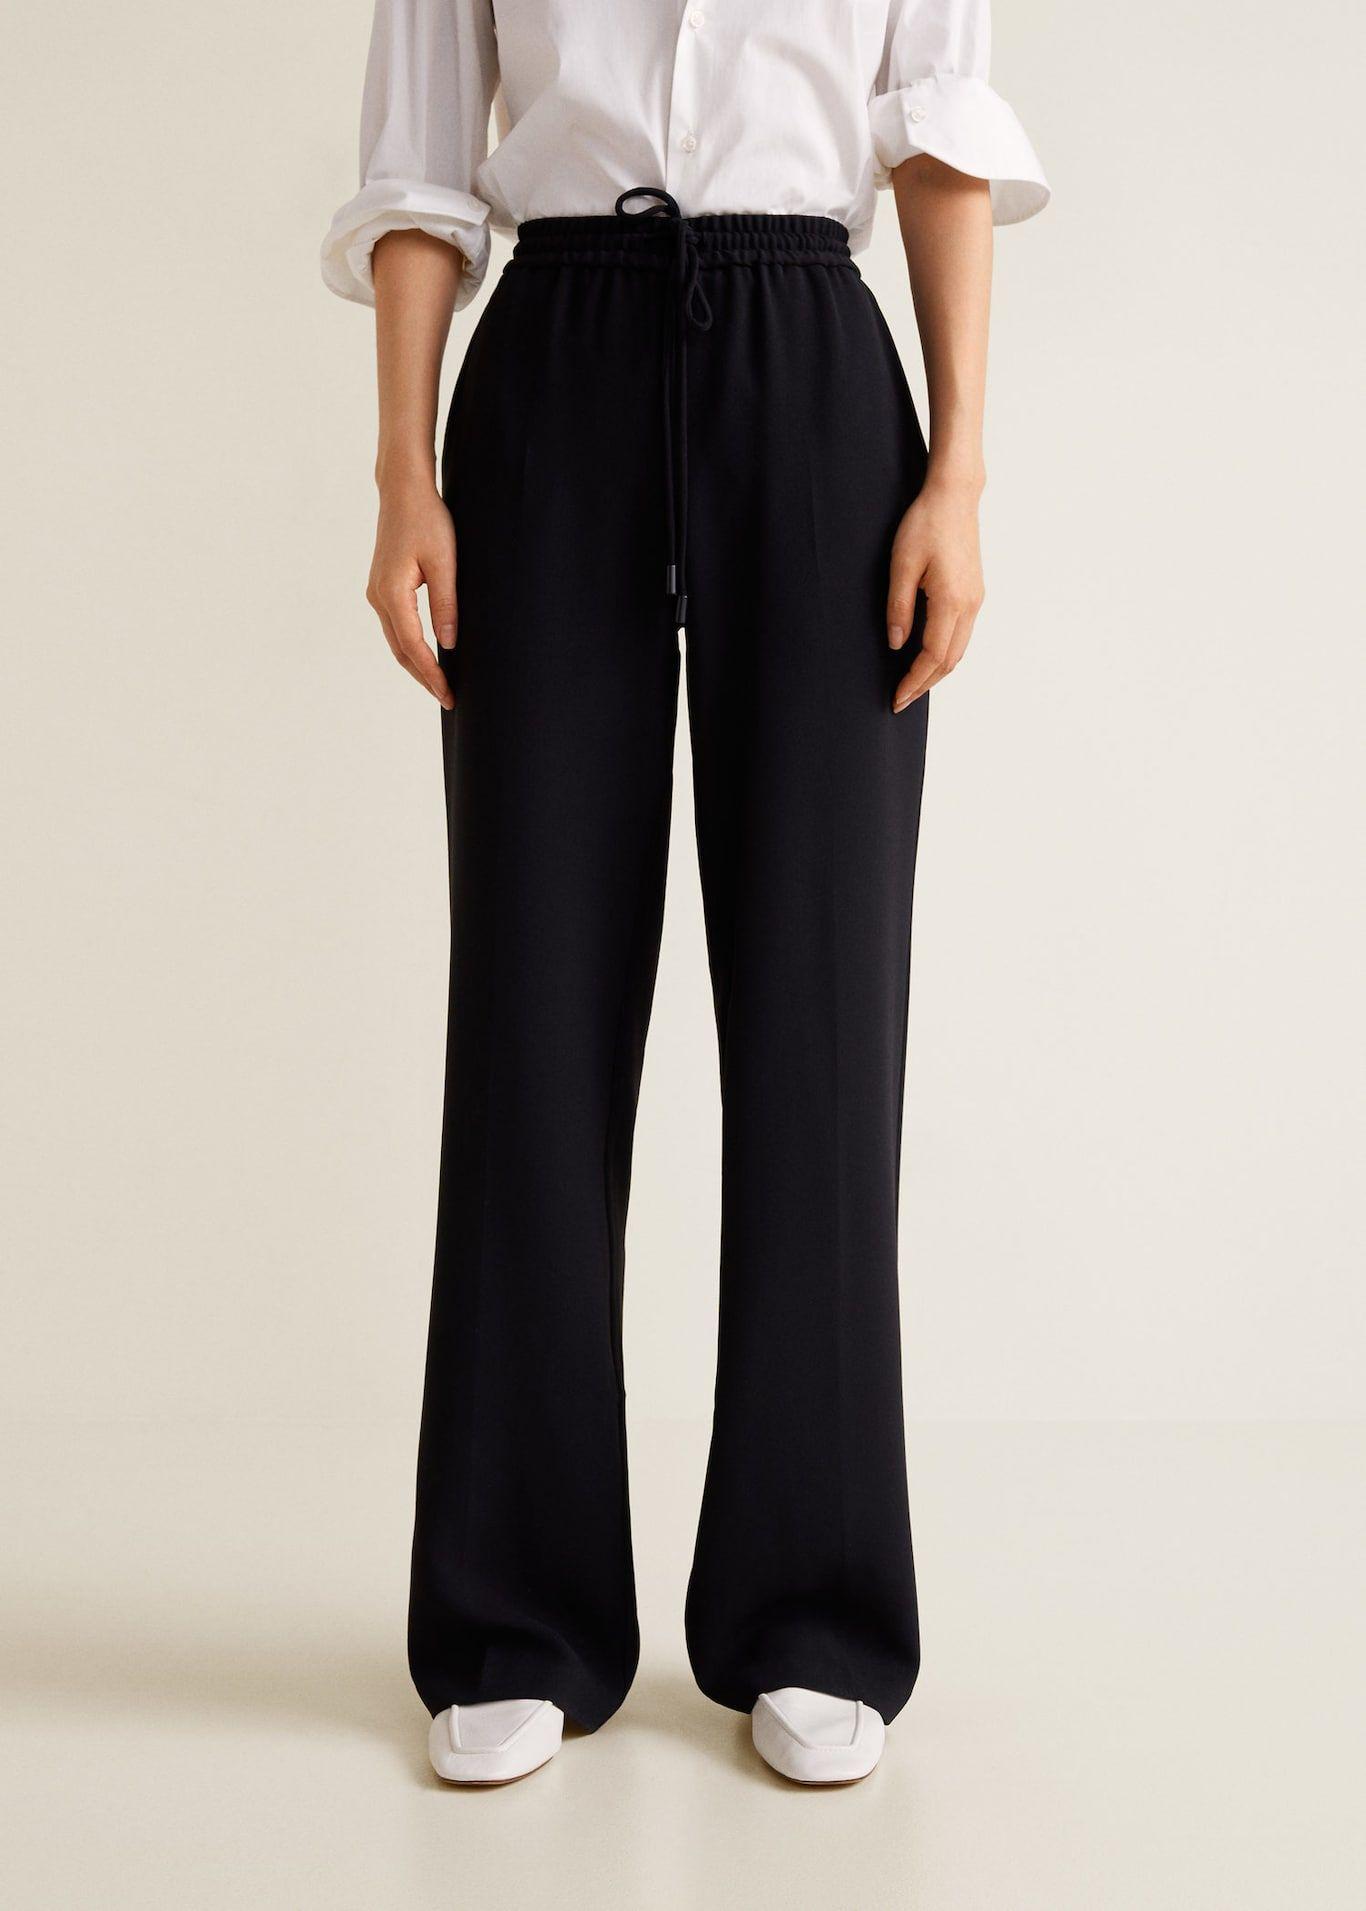 pantalon en crepe fluide droit femme